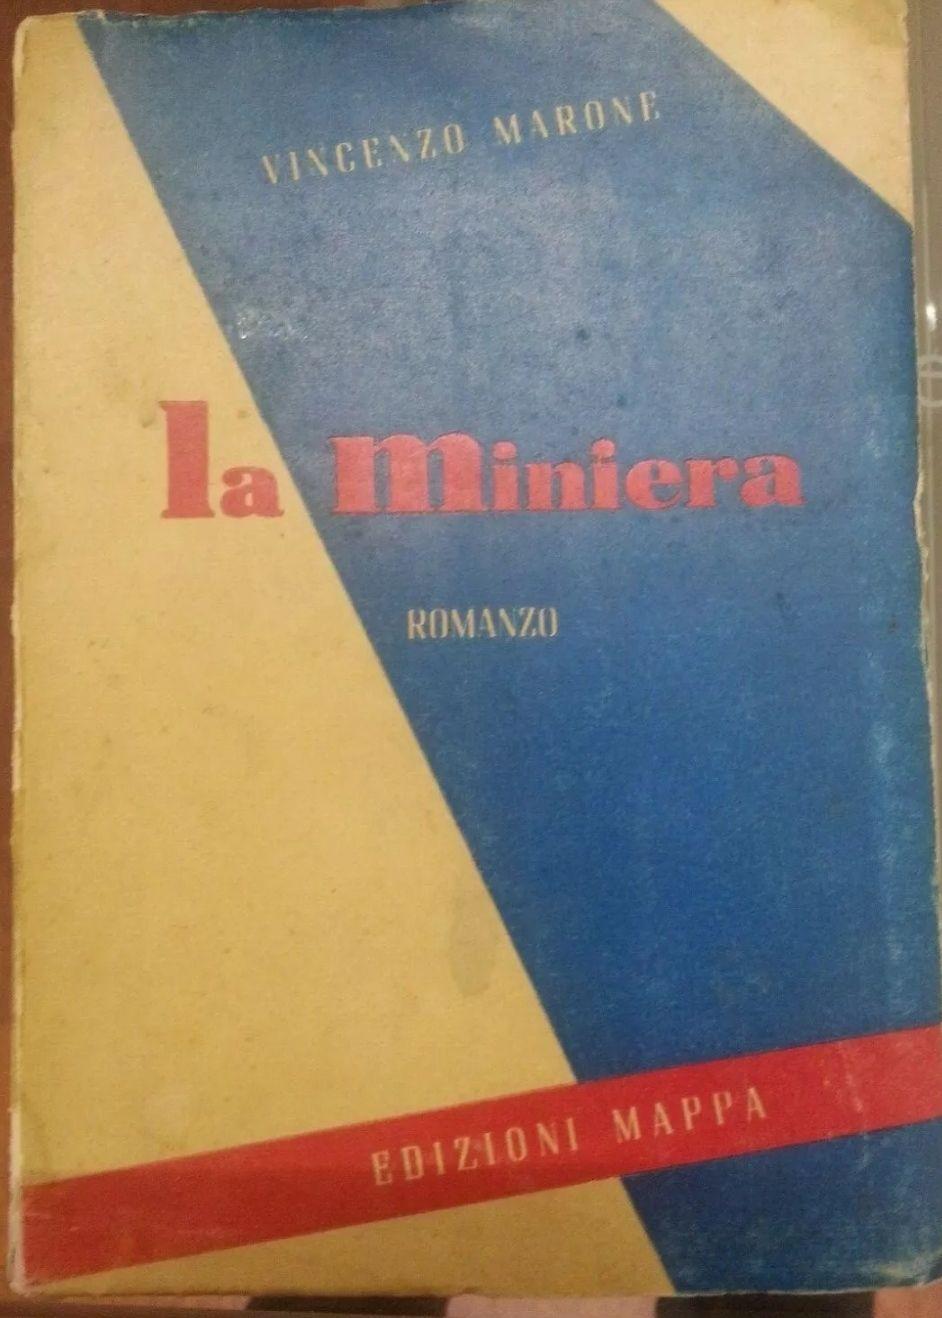 VINCENZO MARONE – LA MINIERA – EDIZIONI MAPPA 1942 INTROVABILE!!!! 29,90€